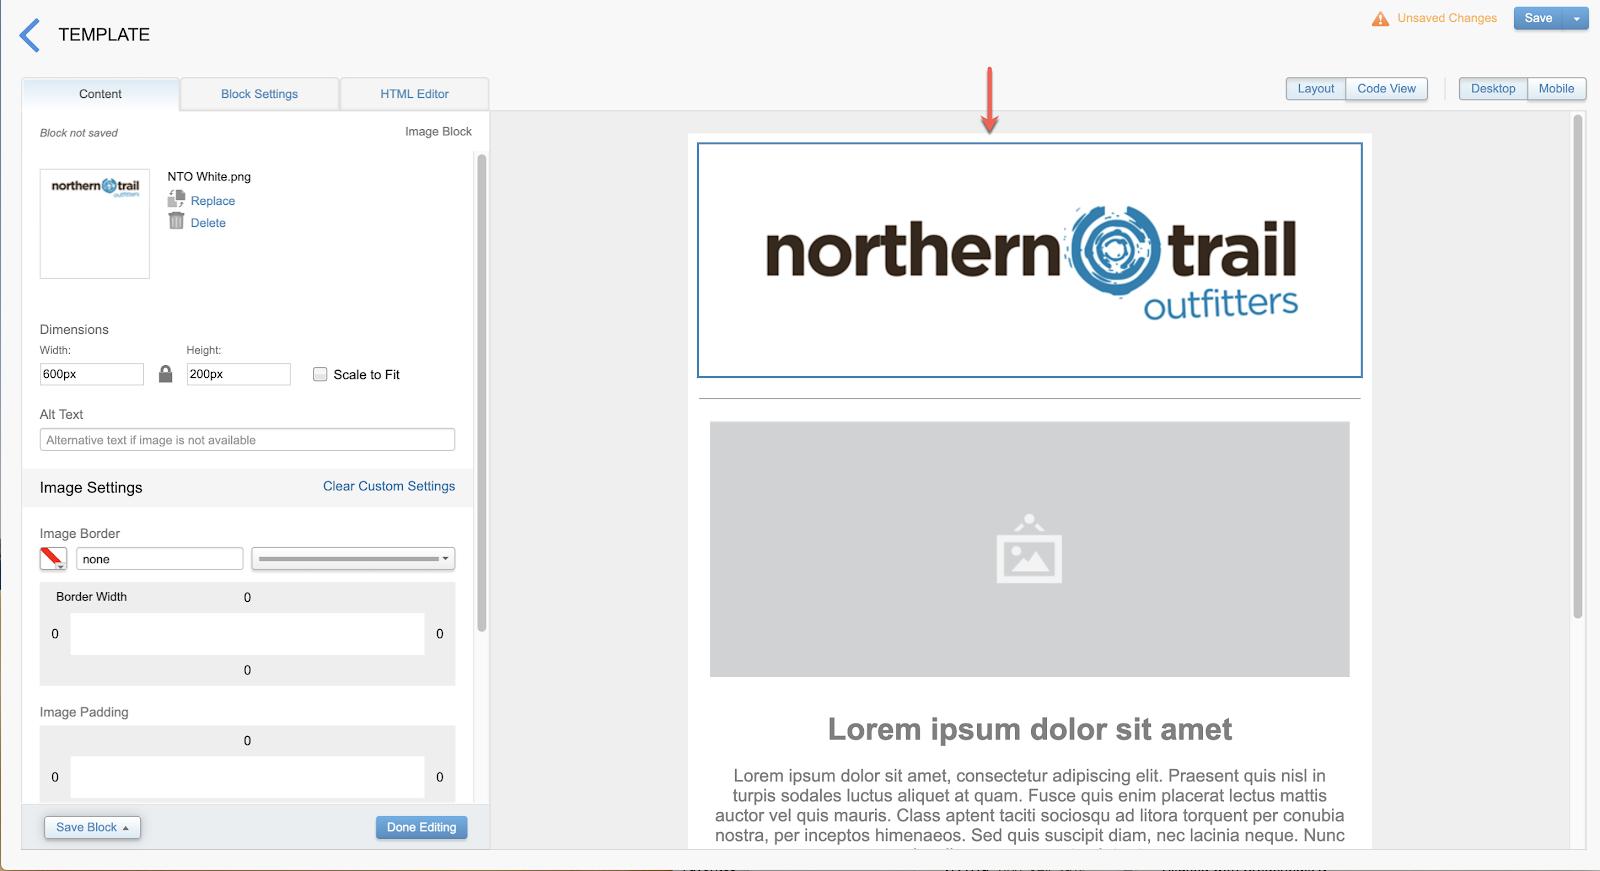 Capture d'écran montrant la disposition du modèle d'e-mail après l'ajout du logo NorthernTrailOutfitters au bloc de contenu supérieur.